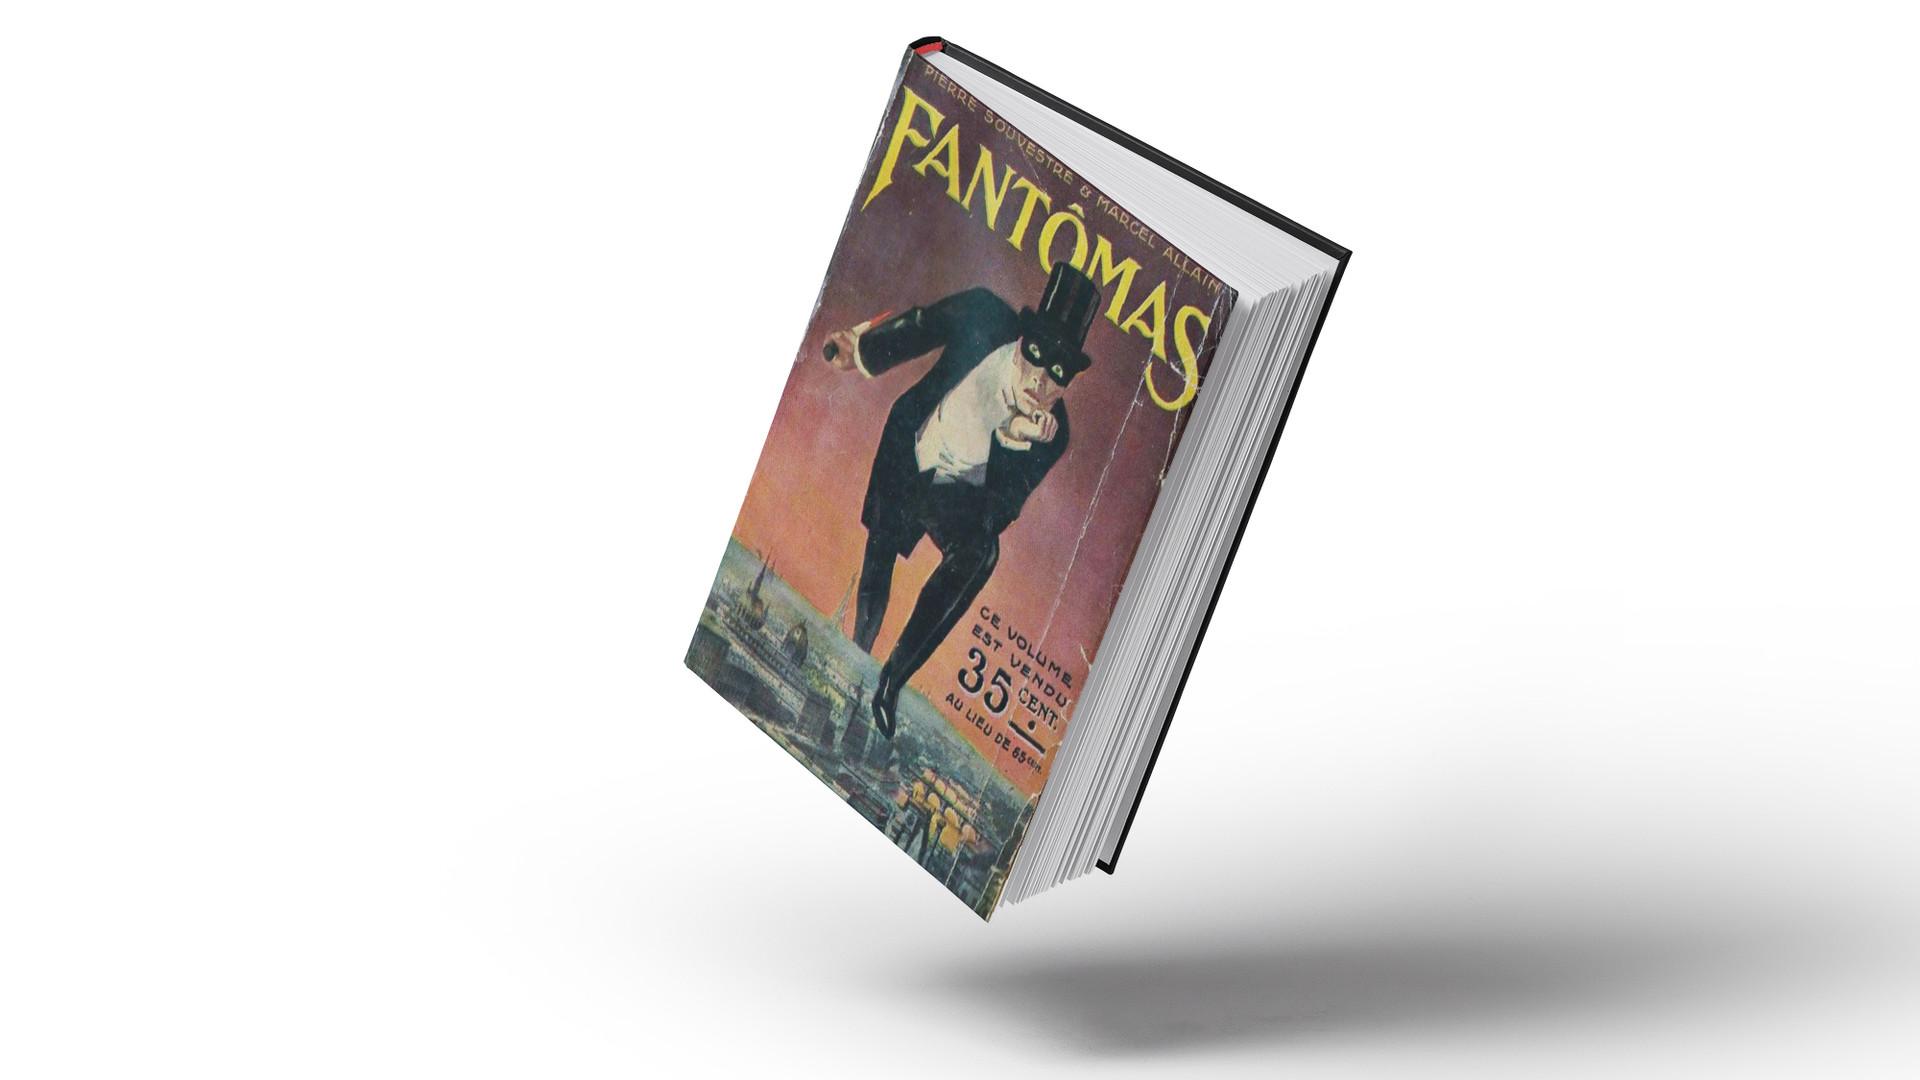 """Прво """"оваплоћење"""" злочинца из филма појавило се у књигама (ова је објављена међу првима). Омот једног од првих издања романа, 1911."""